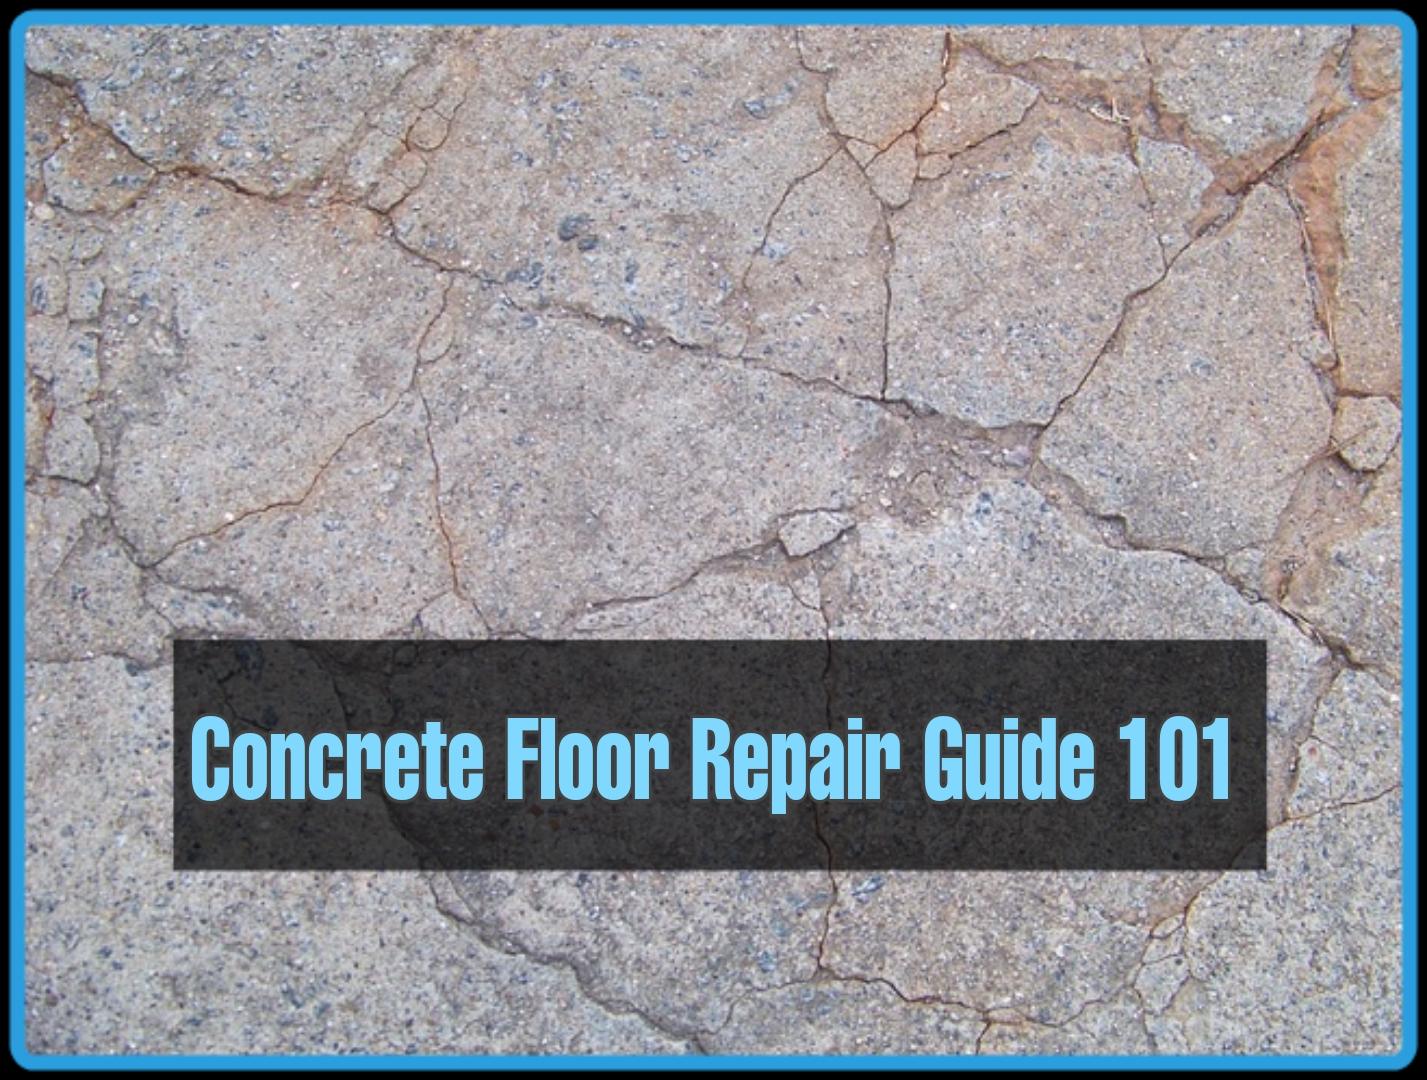 Concrete Floor Repair Guide 101